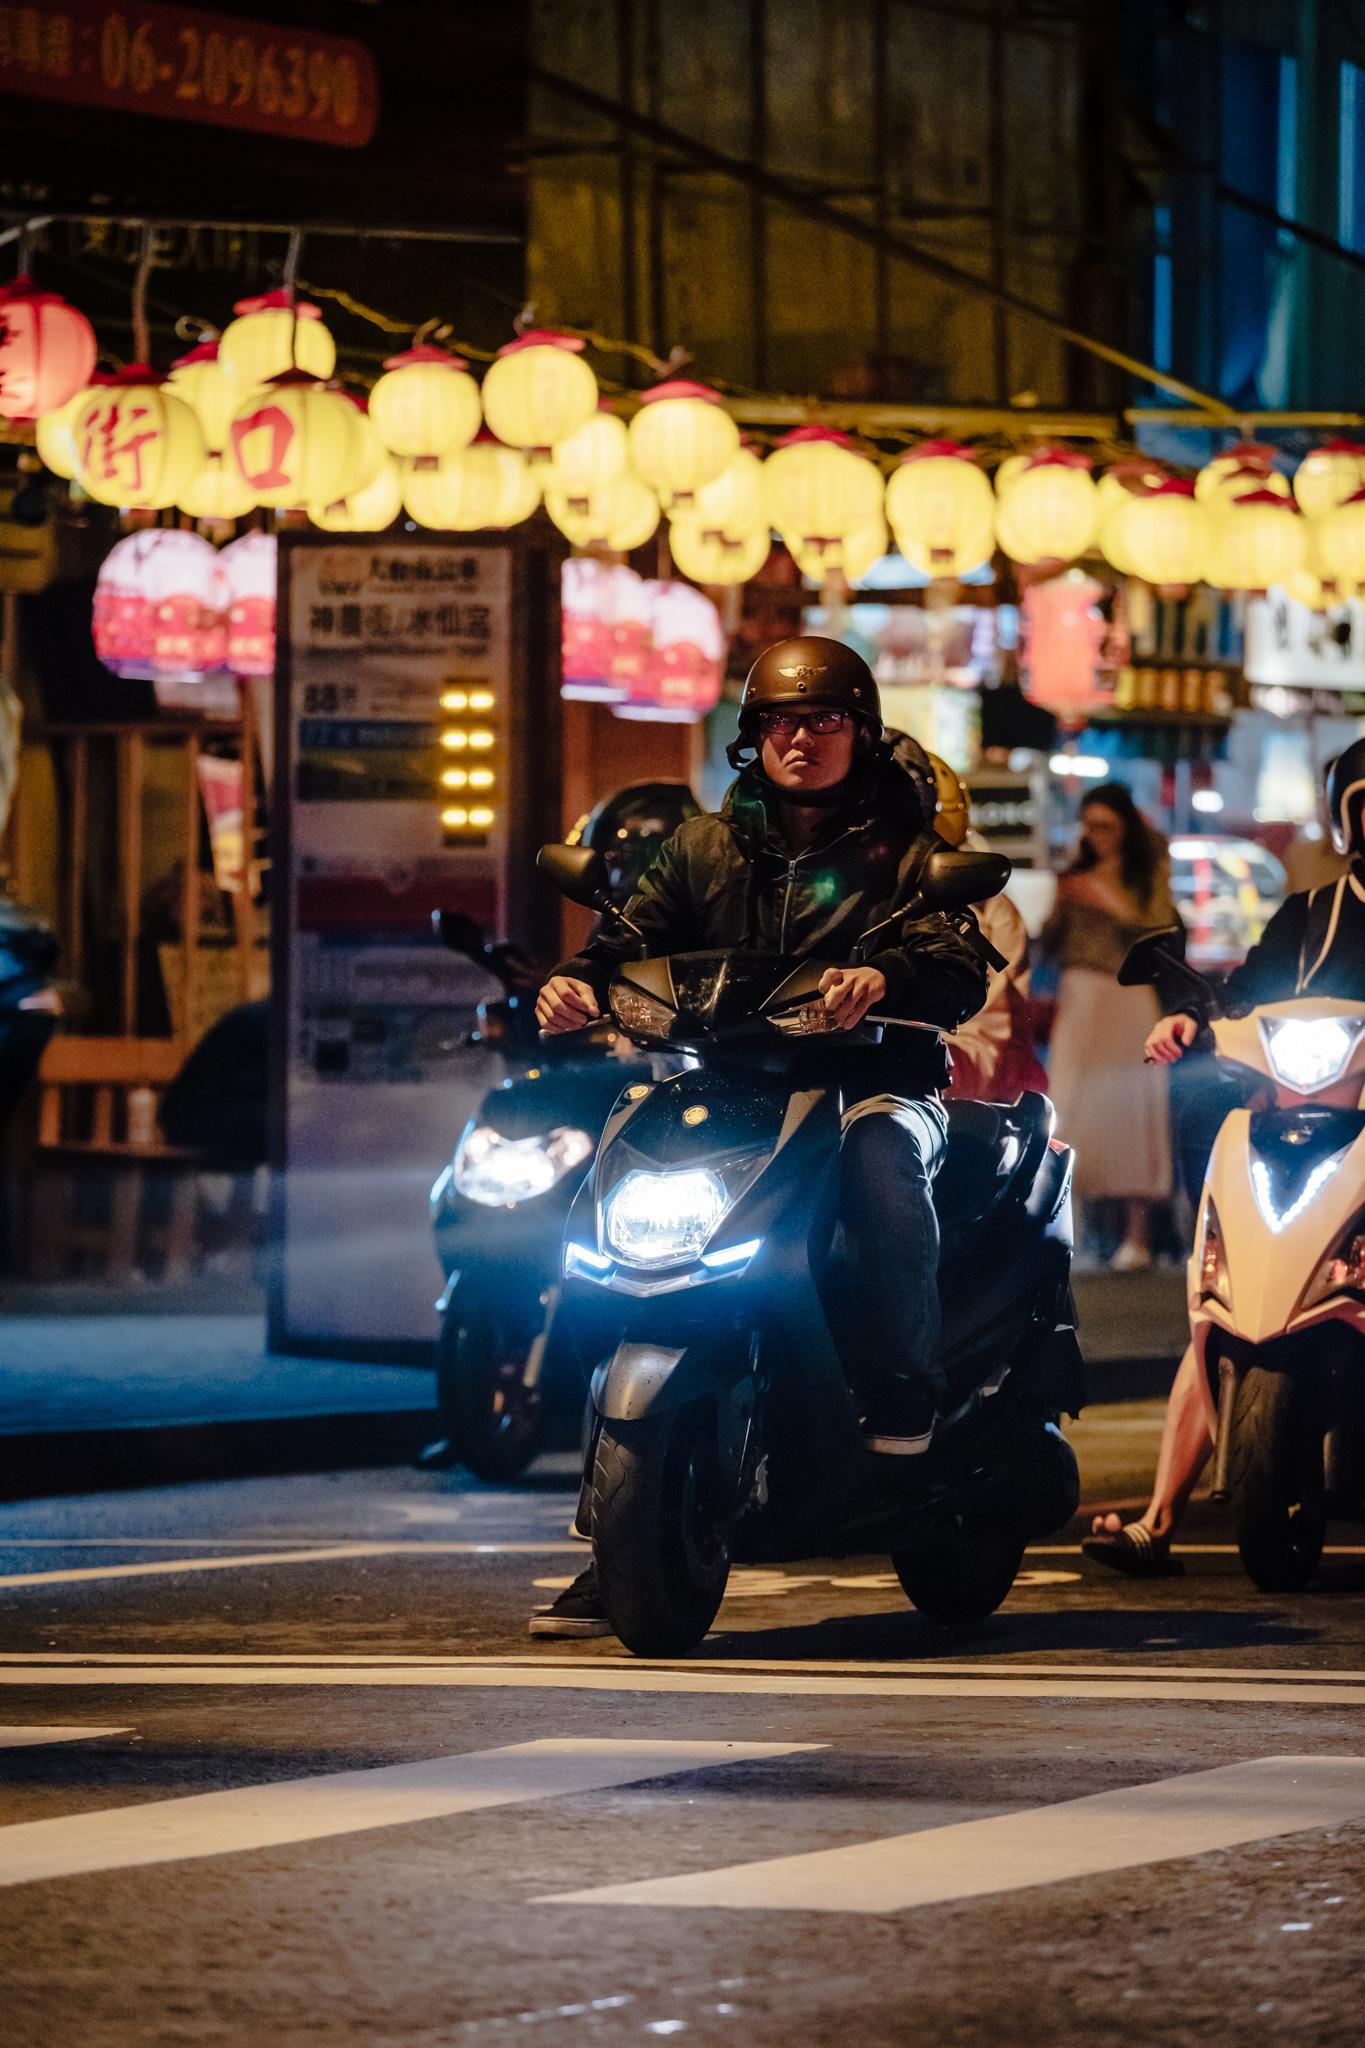 - 神農街 – Near the entrance of Shennong Street